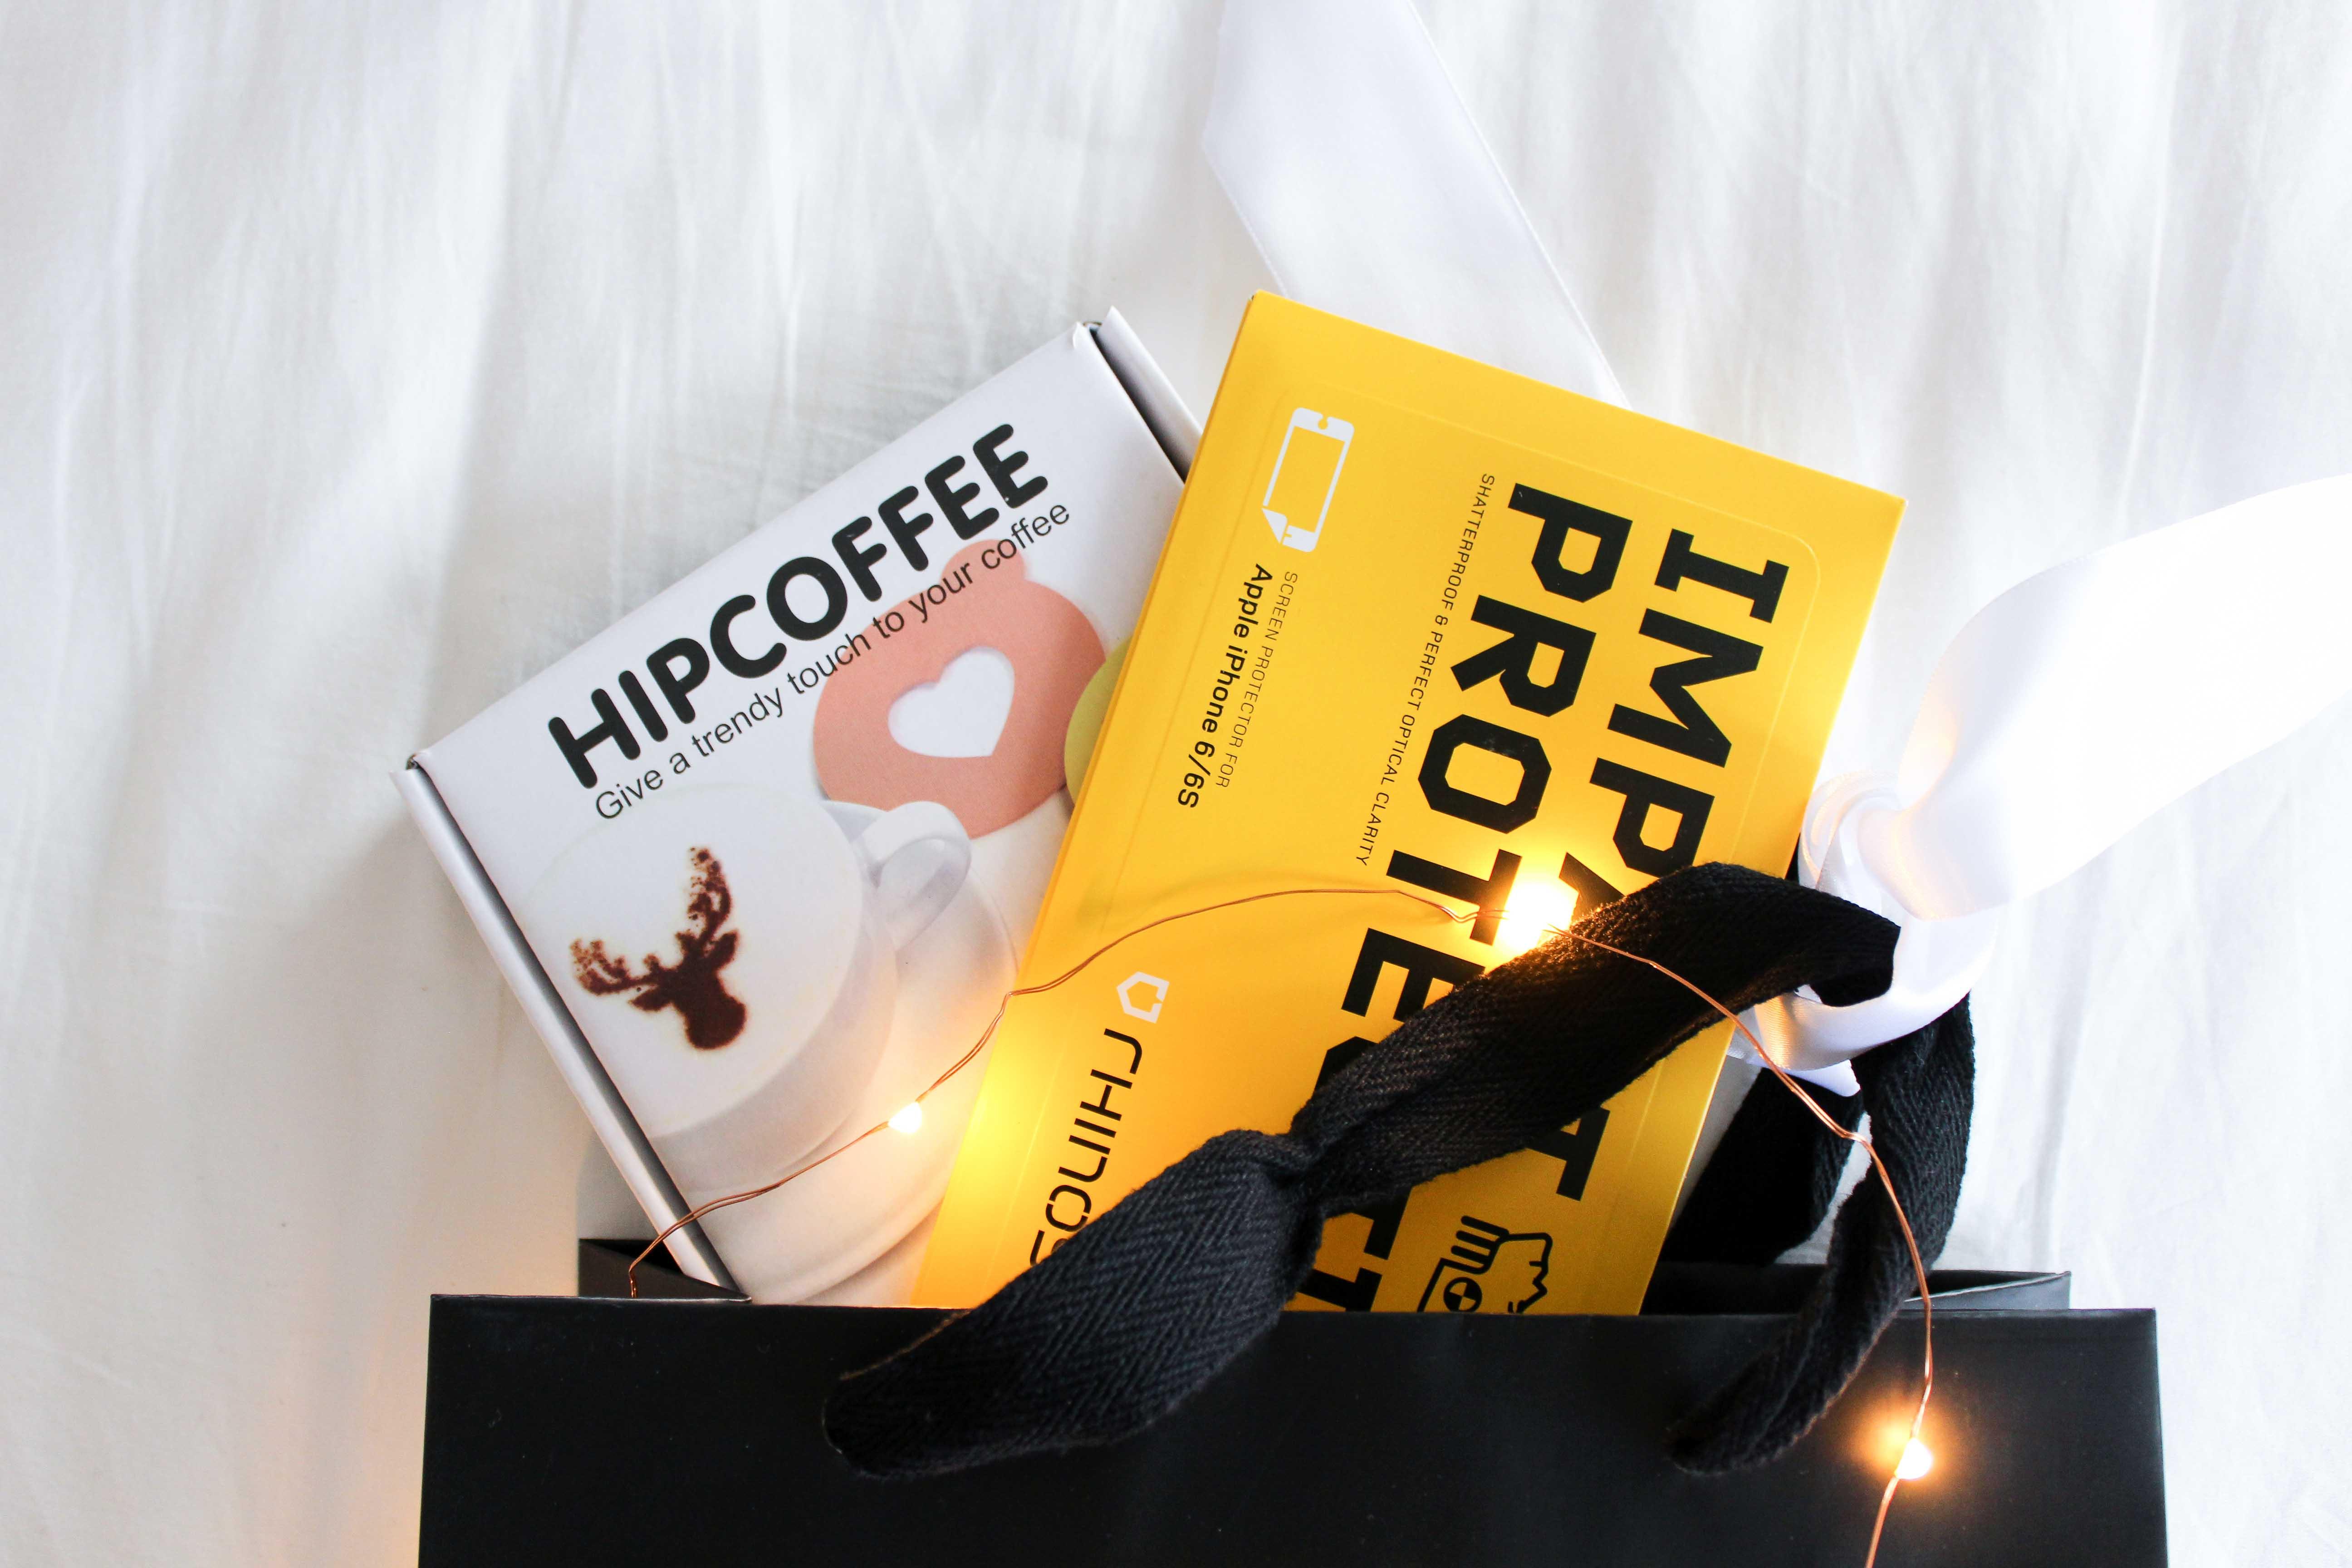 Kaffee Schablone Radbag Marry X Mas Weihnachtsgeschenke Blog Tipps 1